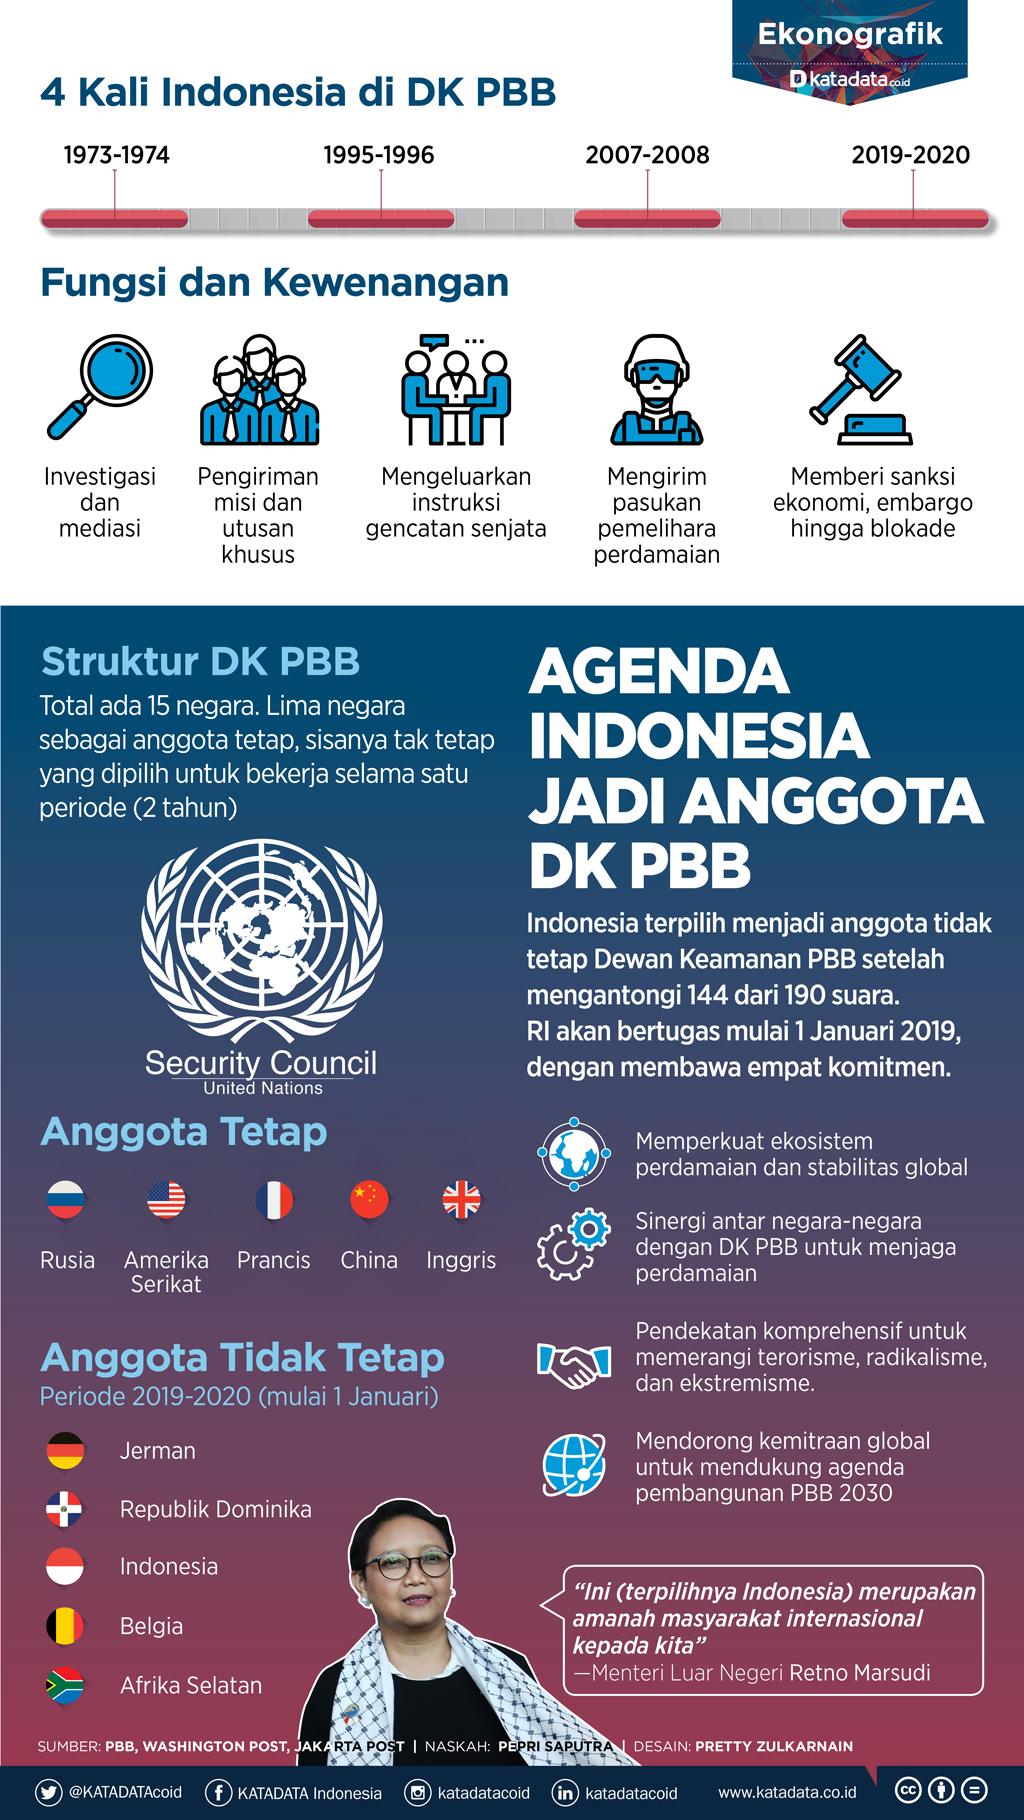 Agenda Indonesia Jadi Anggota DK PBB